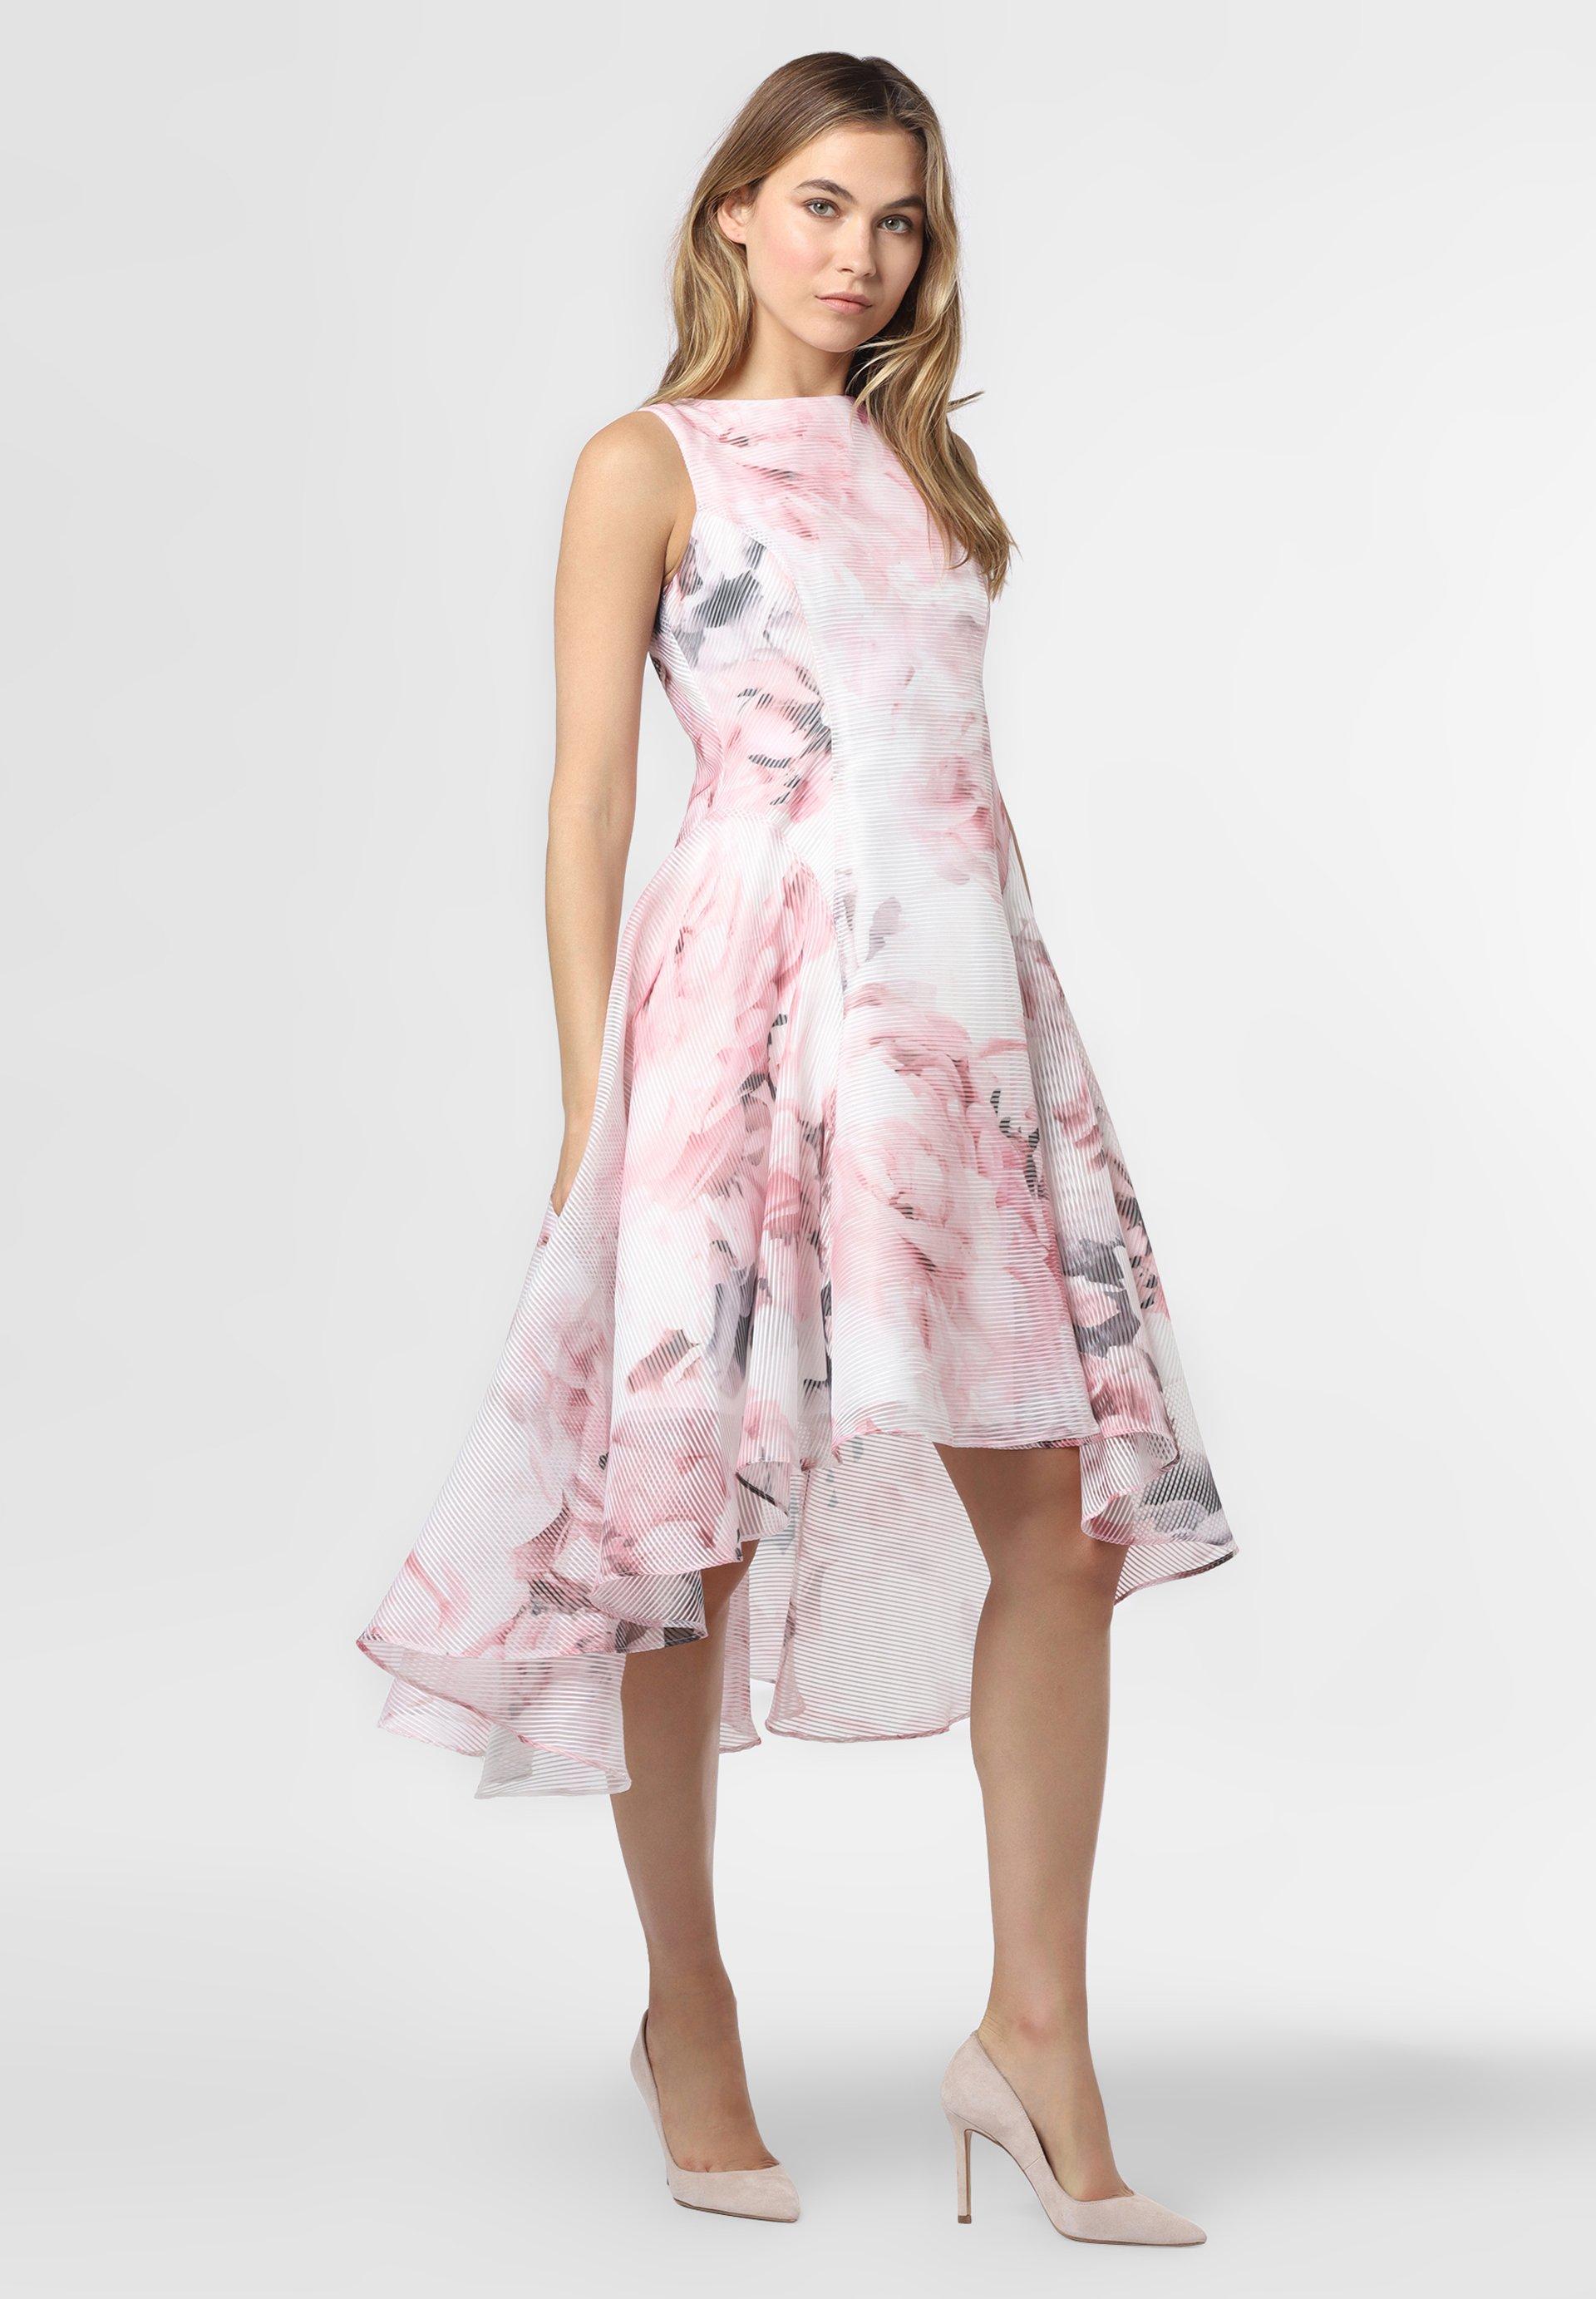 Apriori Cocktailkleid/festliches Kleid - weiß rosa - Zalando.de